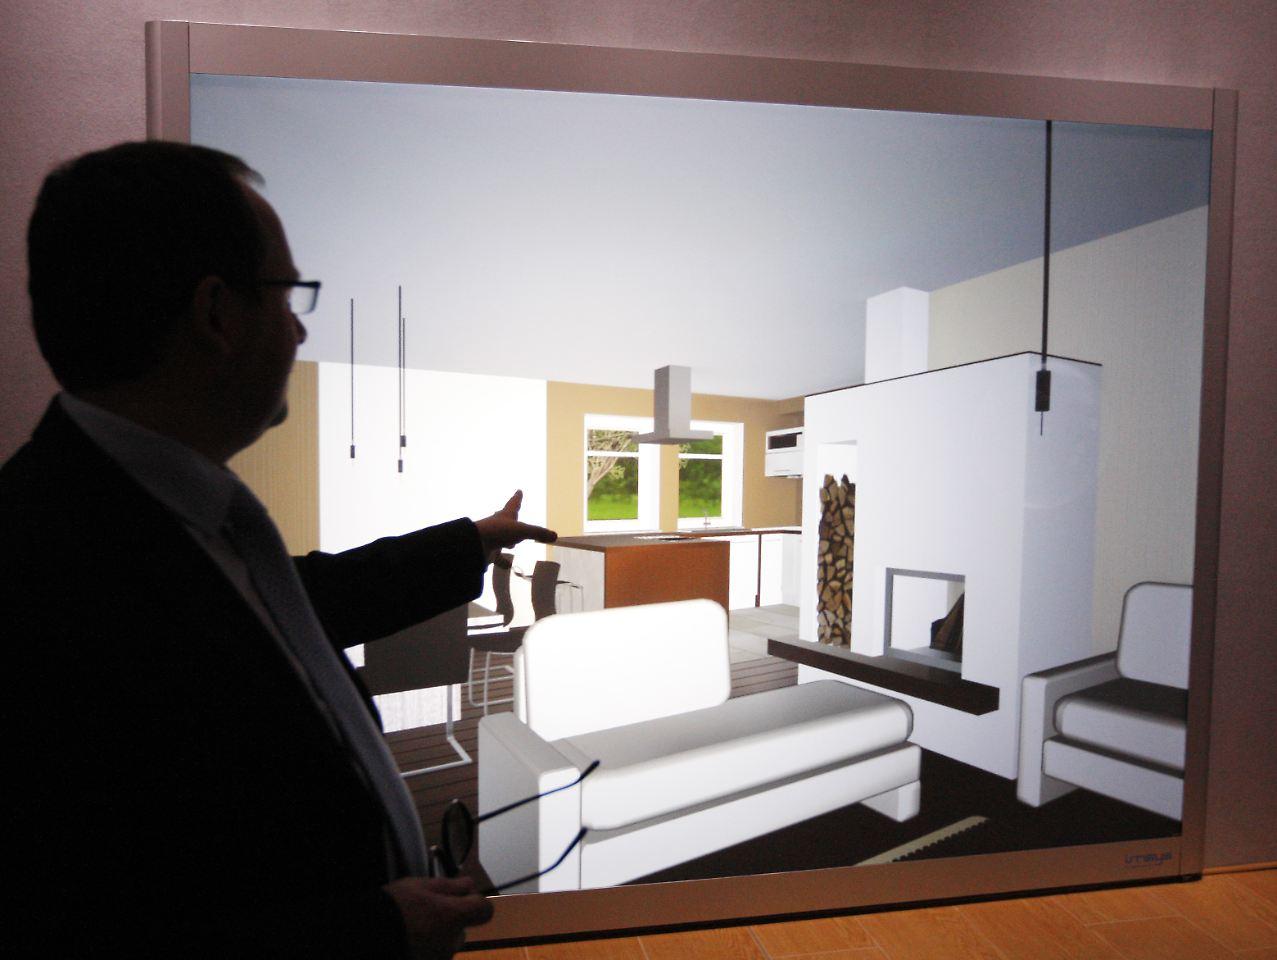 Fenster auf heizung aus schlaue h user im kommen n for Hausplanung berlin